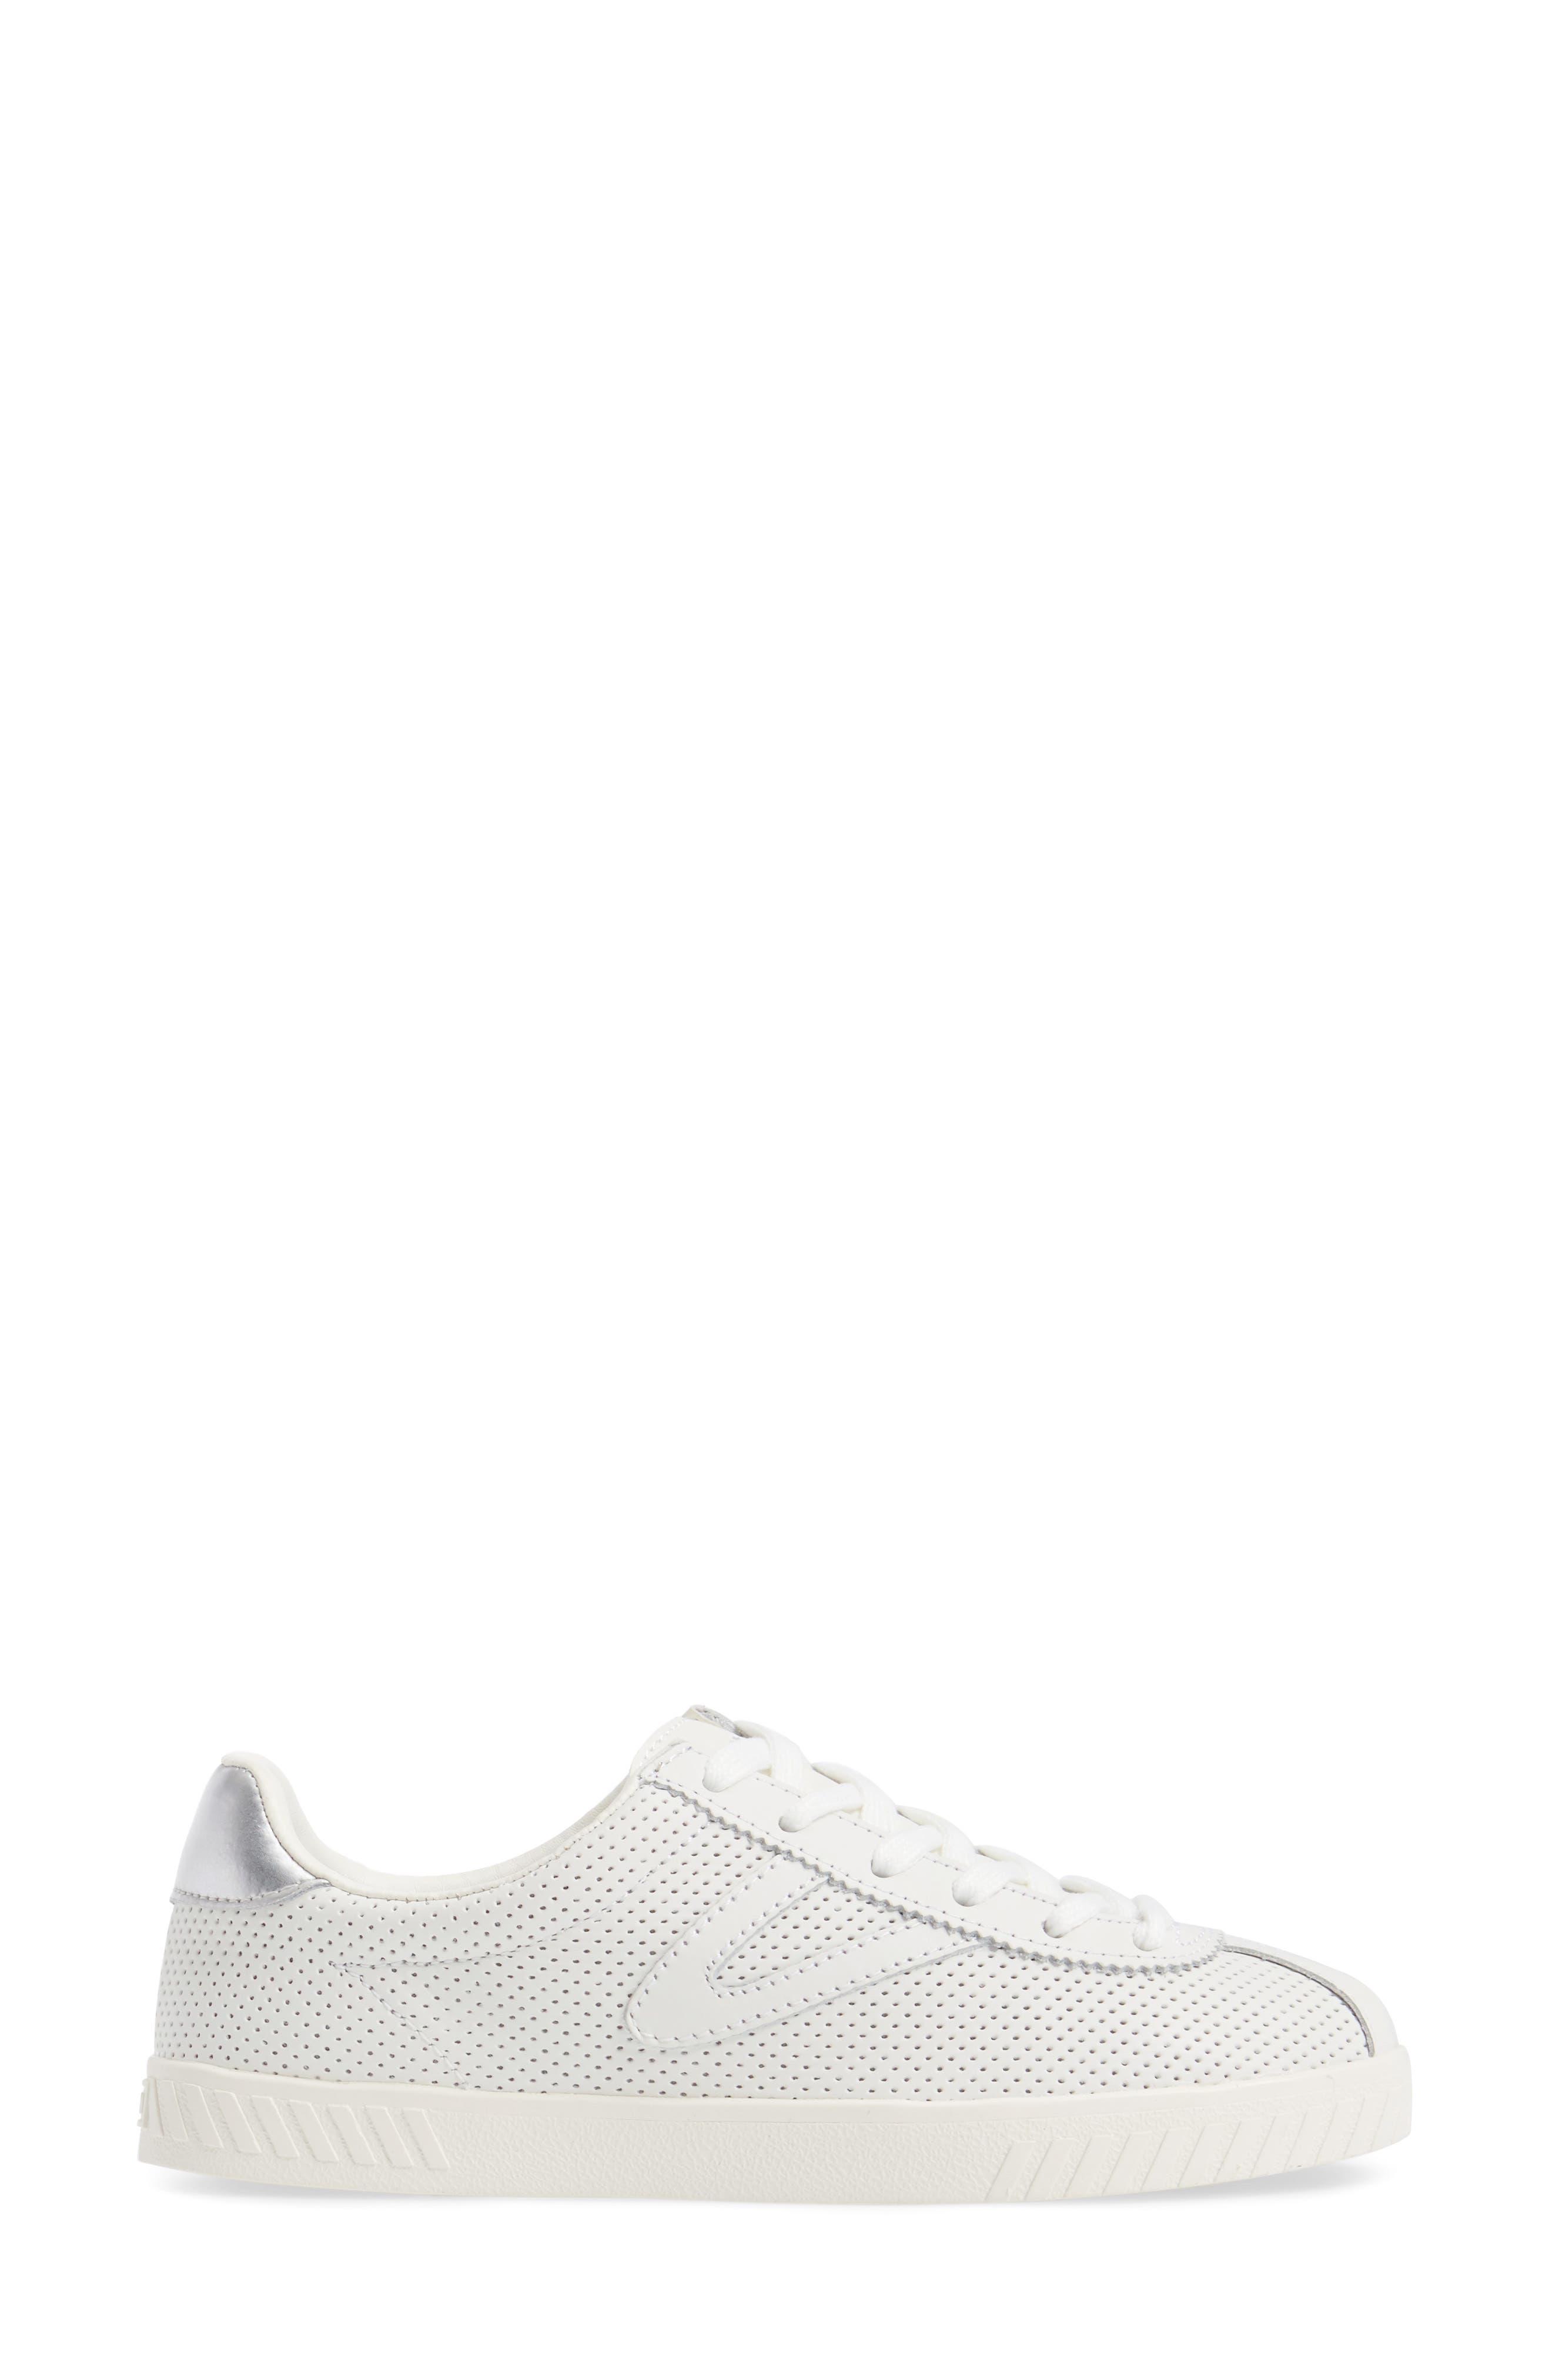 Camden 2 Sneaker,                             Alternate thumbnail 3, color,                             White/ White/ Silver